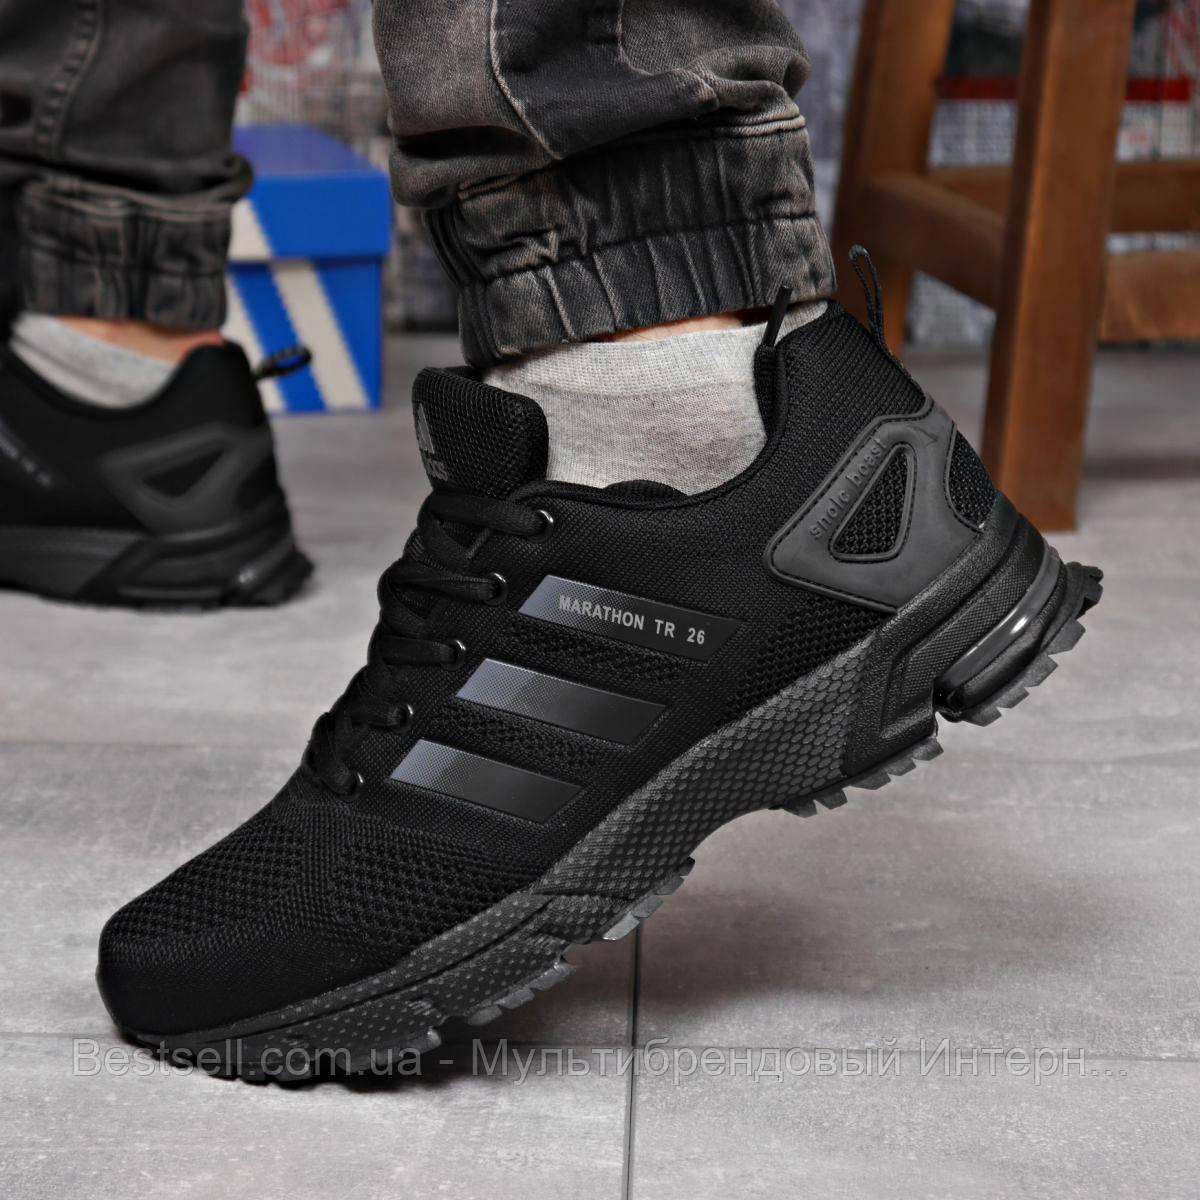 Кросівки чоловічі 18224, Adidas Marathon Tr 26, чорні, [ 44 ] р. 44-28,5 див.